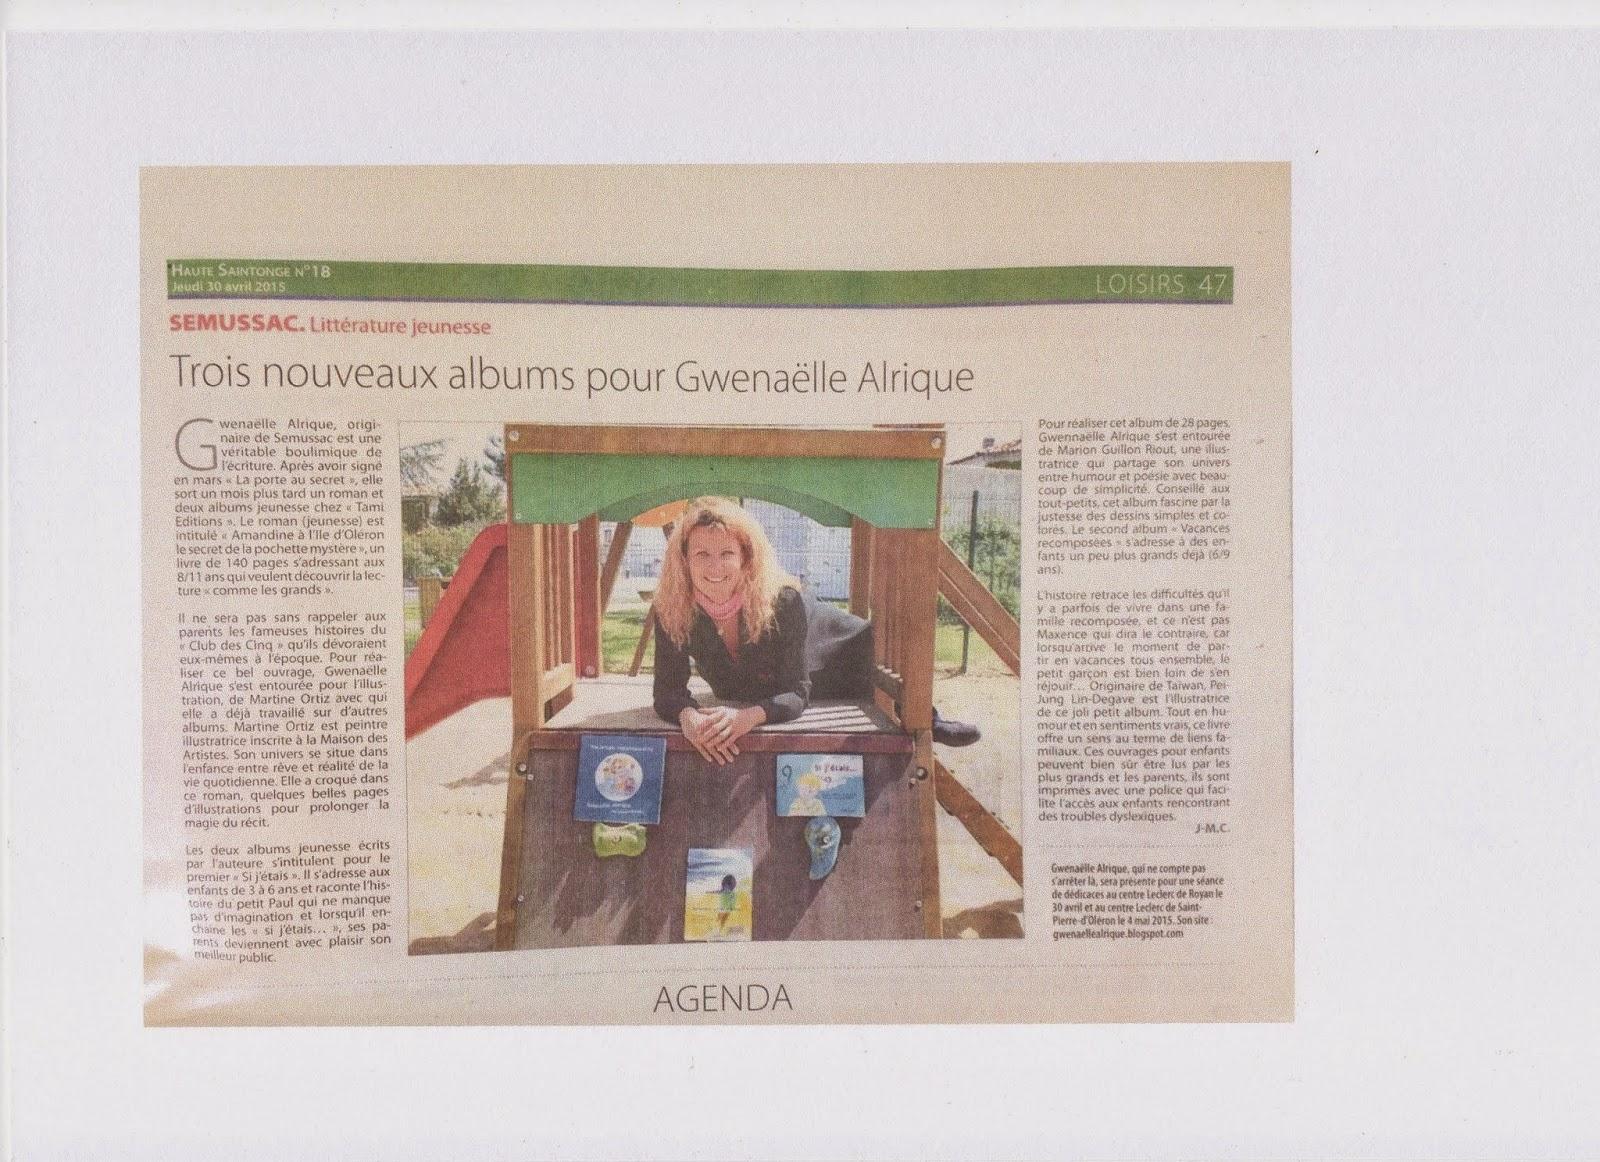 59b0fc7ad10 Voici un article paru le 30 avril sur le journal Haute-Saintonge... un  autre quasi-similaire a été publié sur Sud-Ouest une semaine plus tard mais  moins ...